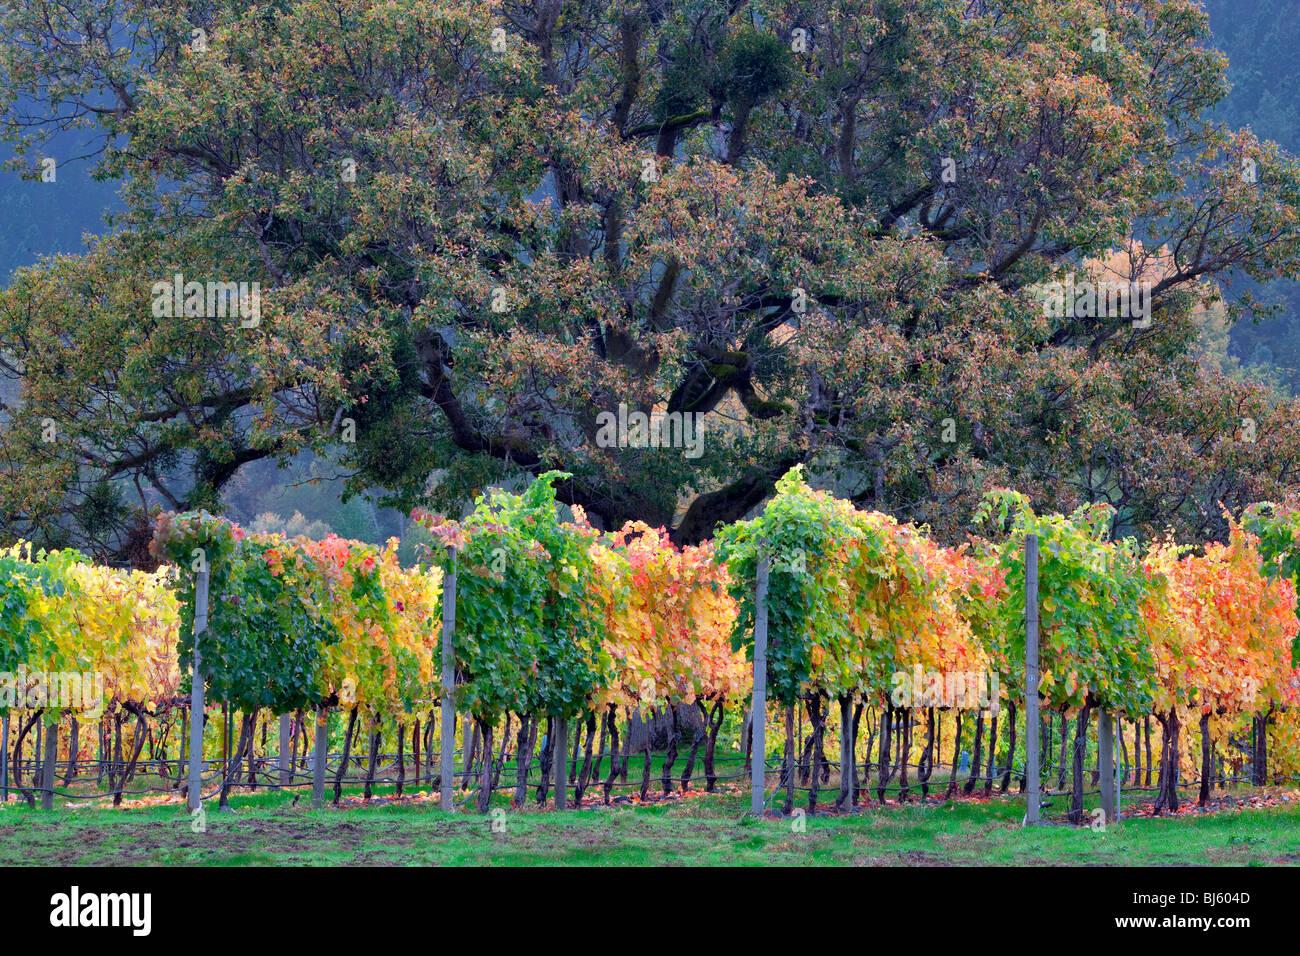 Weinberg und Eiche Baum in Herbstfarben. In der Nähe von Applegate, Oregon Stockbild